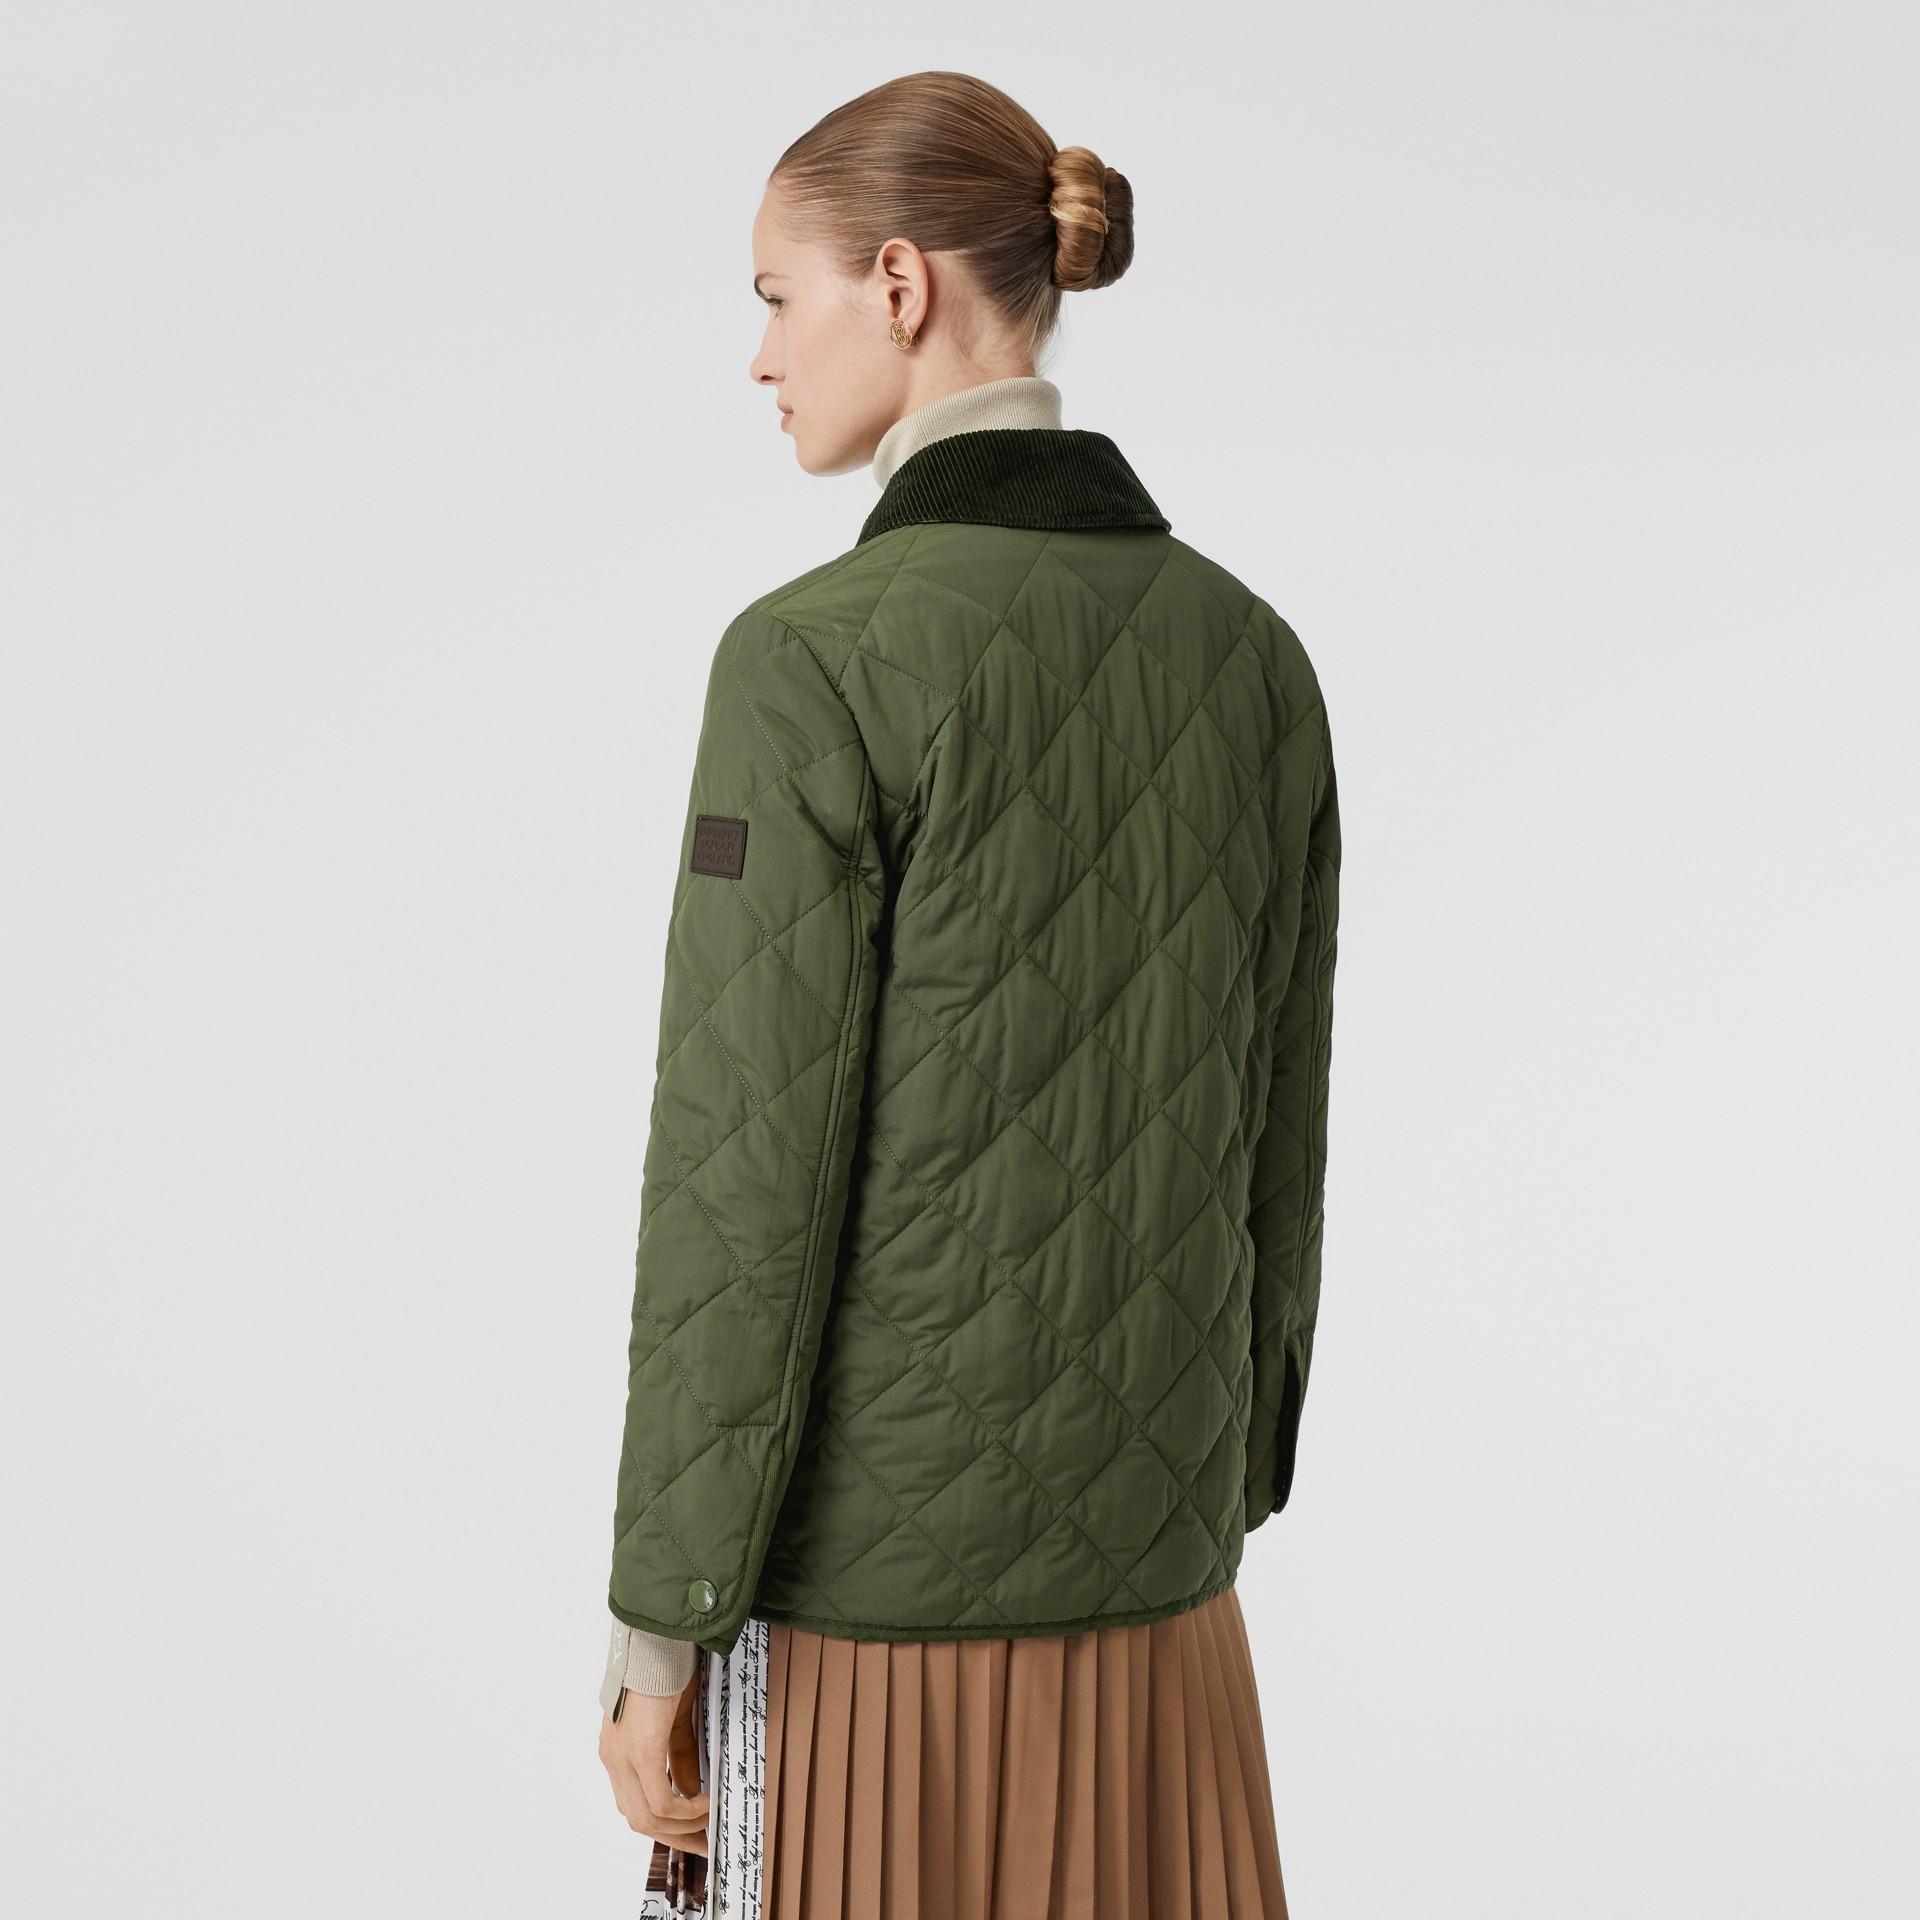 菱形絎縫溫度調節田野休閒外套 (楊樹綠) - 女款 | Burberry - 圖庫照片 2